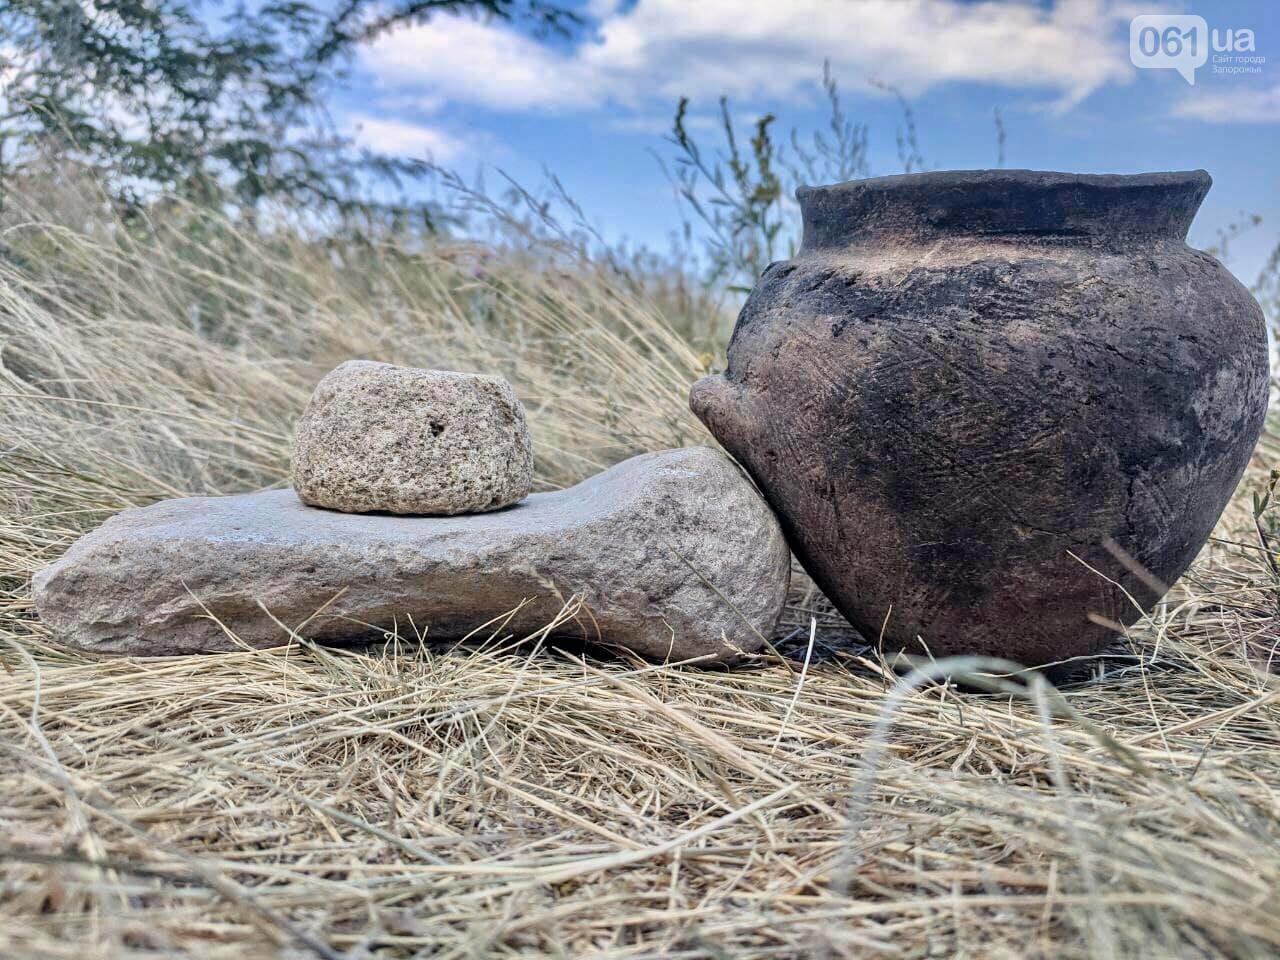 На раскопках Мамай-Горы заработал бульдозер: что уже удалось найти археологам, - ФОТО, фото-11